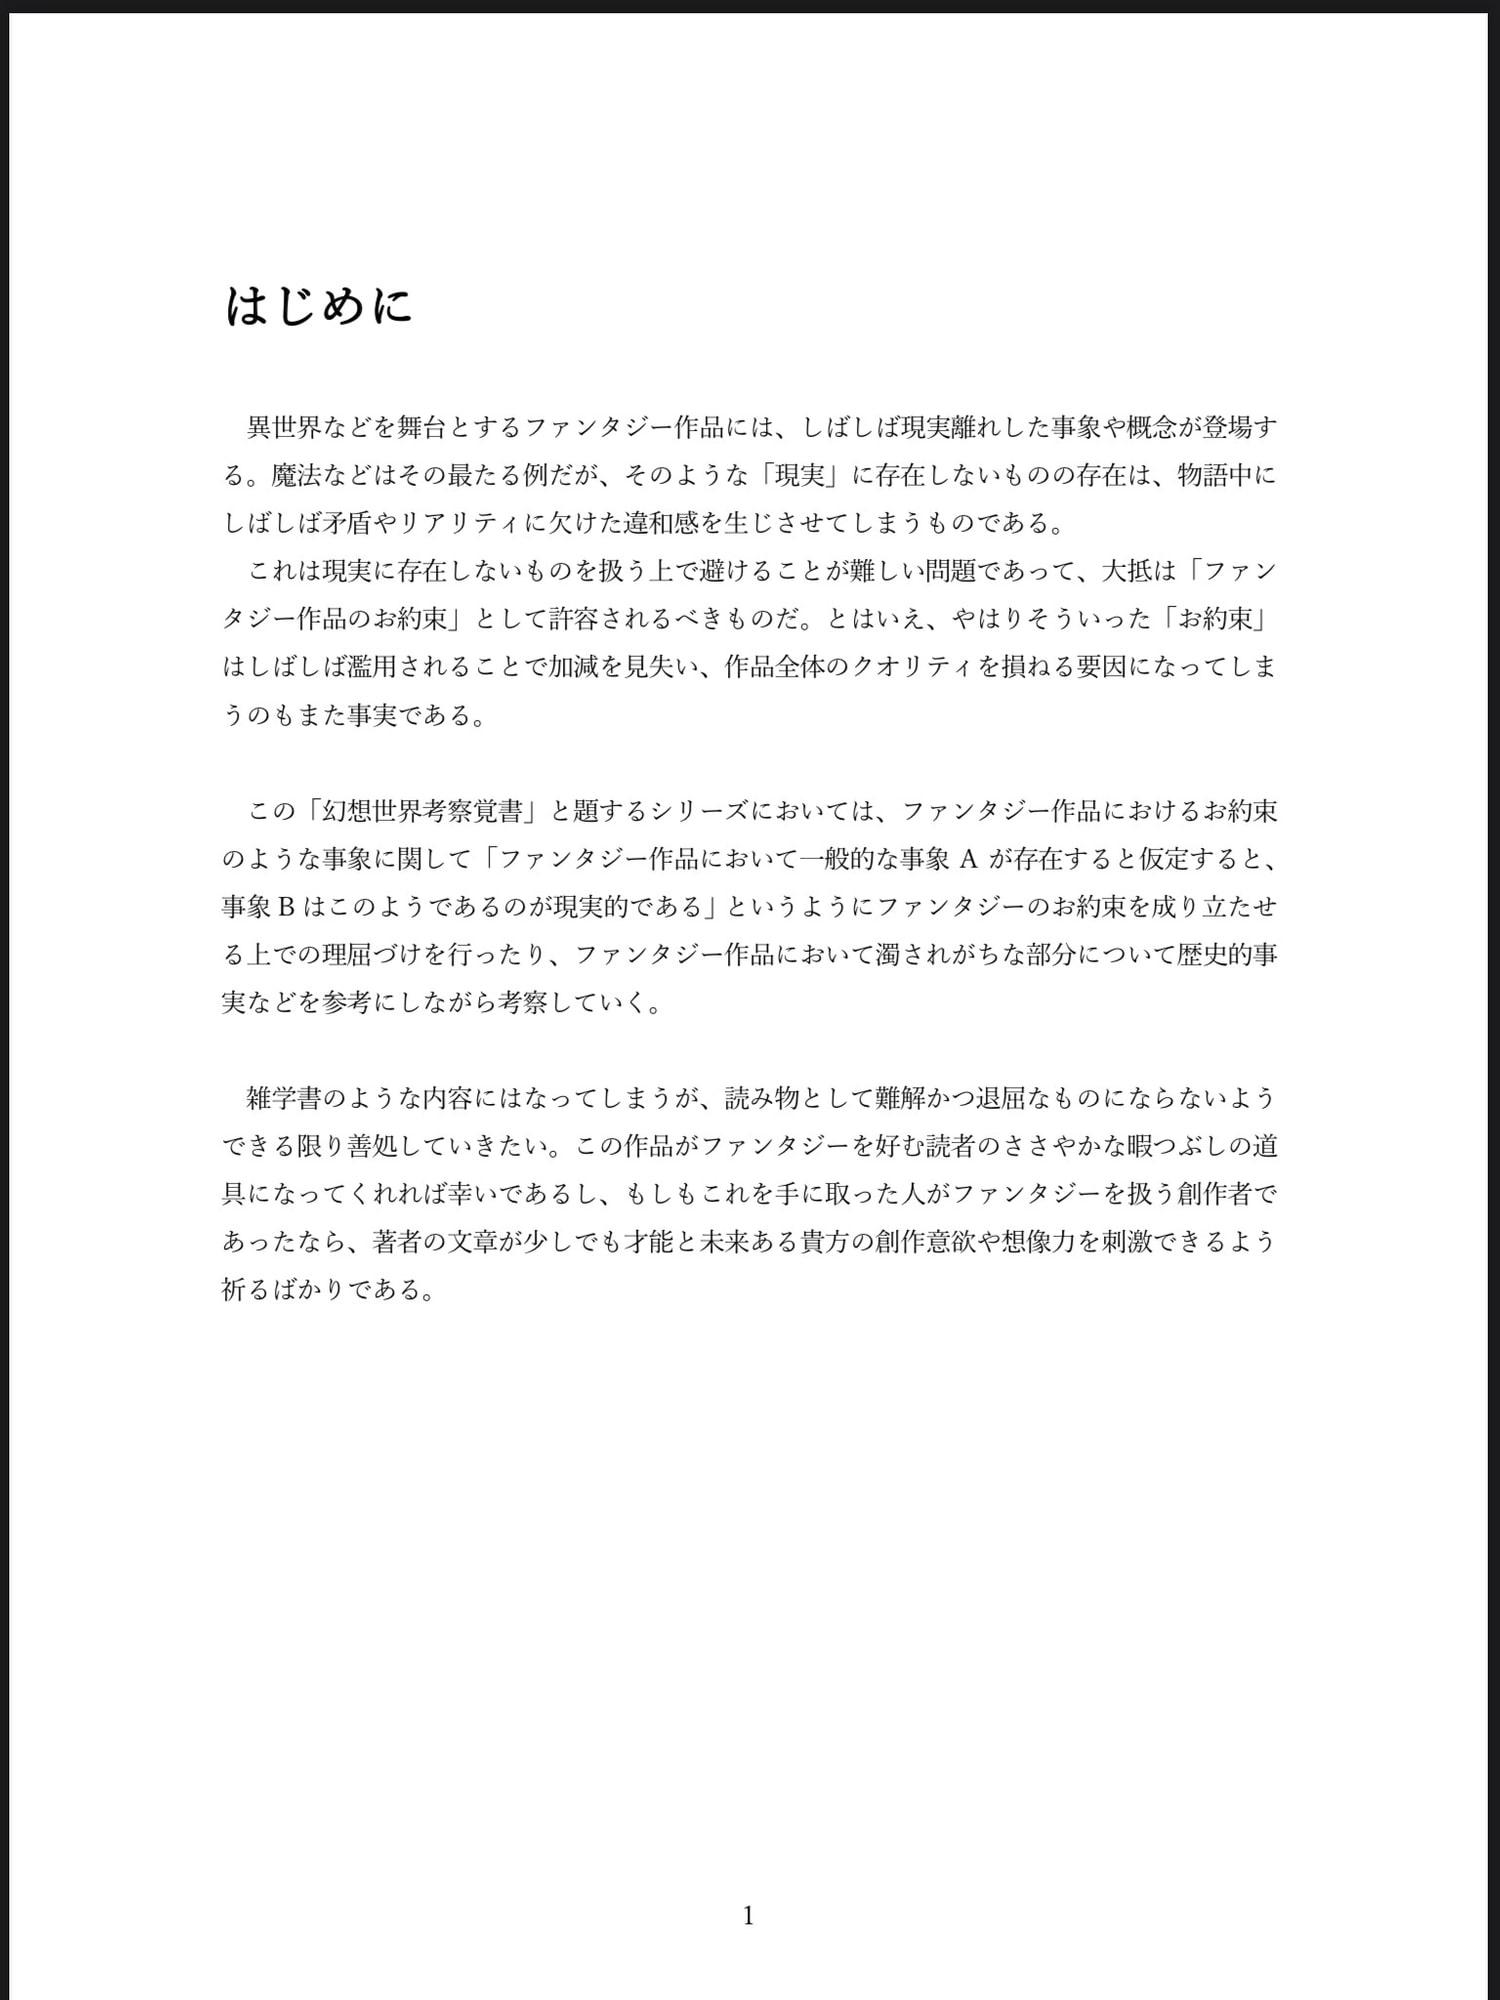 幻想世界考察覚書1 ー魔法と戦争ー